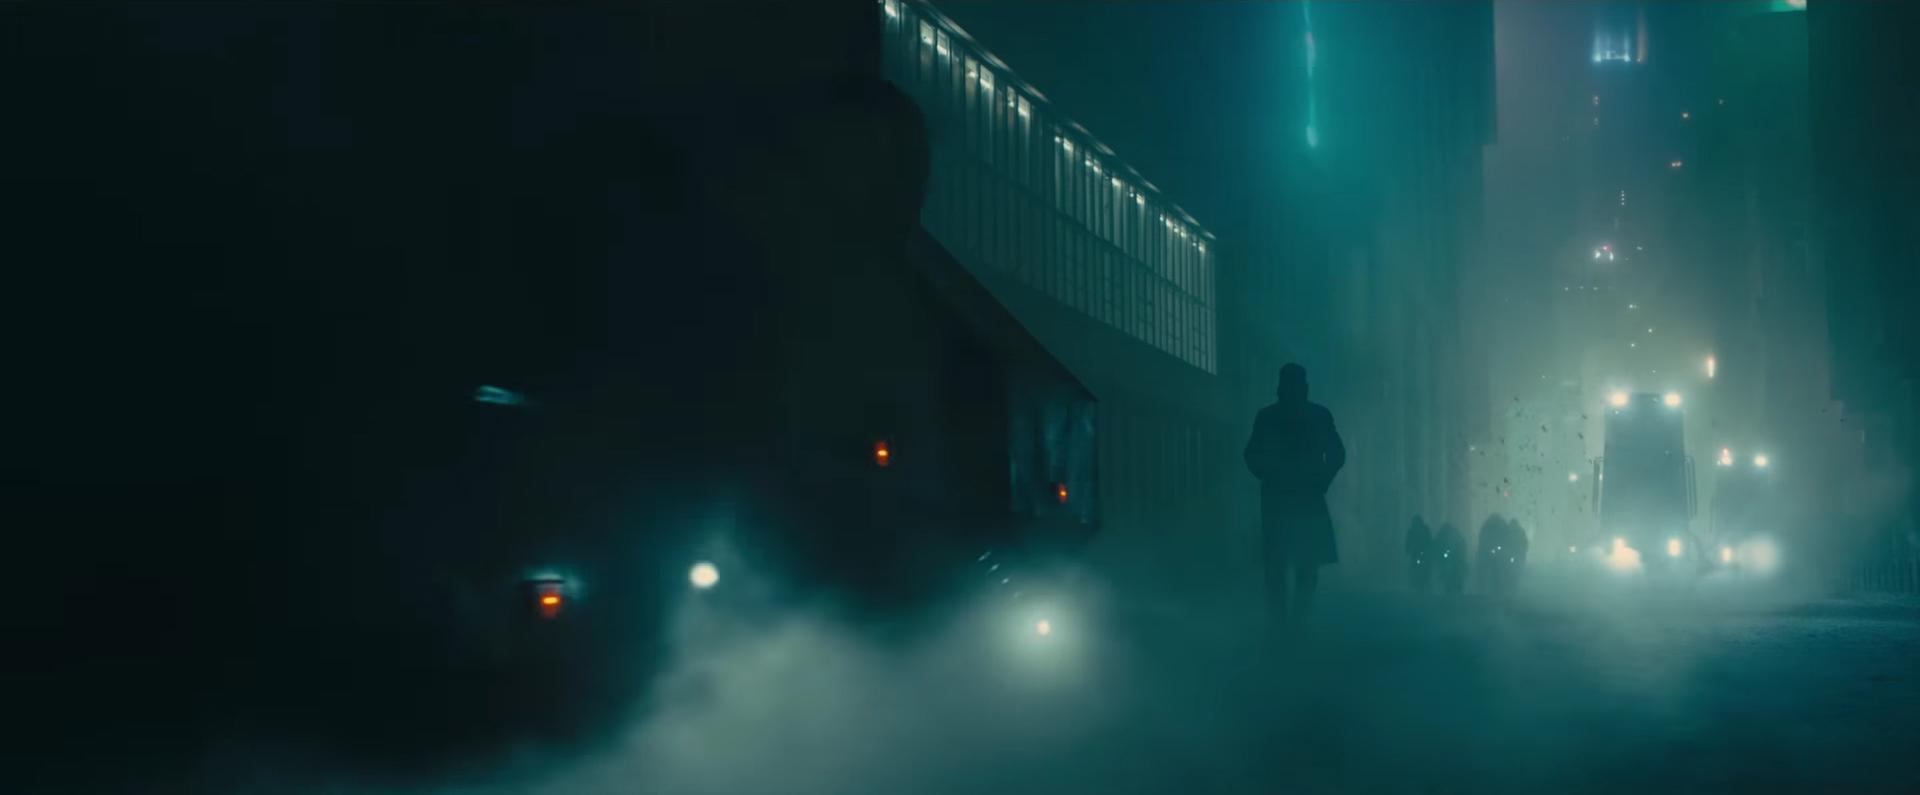 Blade Runner 2049 Announcement Metalocus